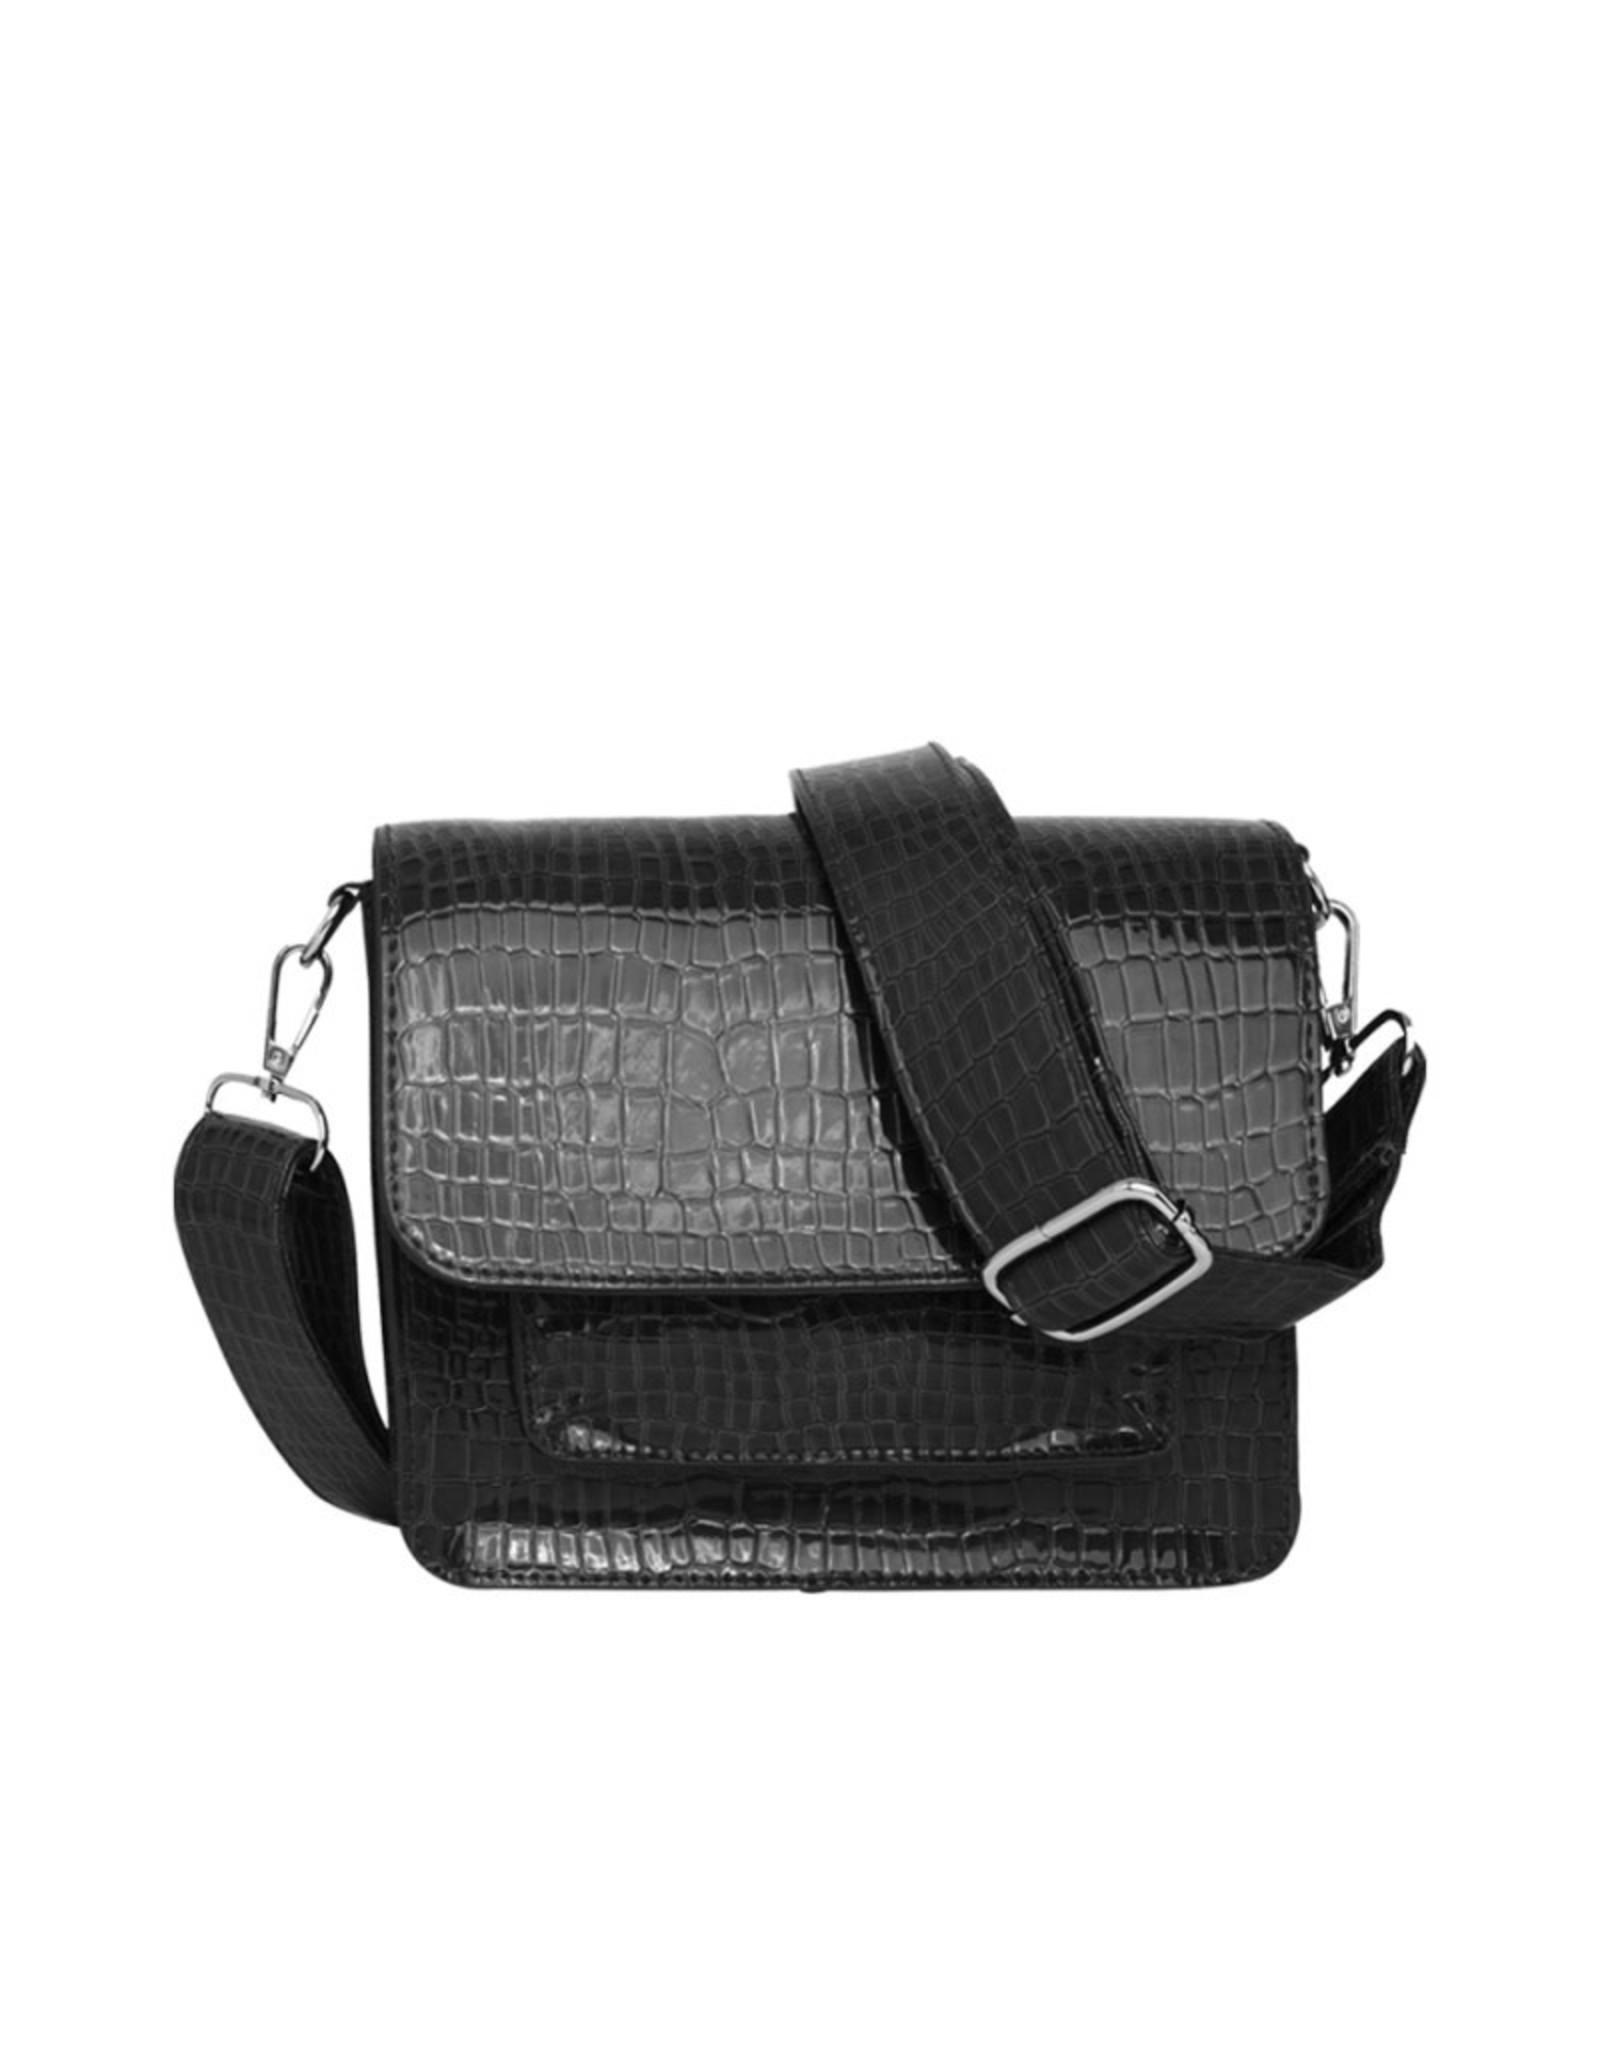 HVISK Handtas 'Cayman Pocket' - Black - Hvisk